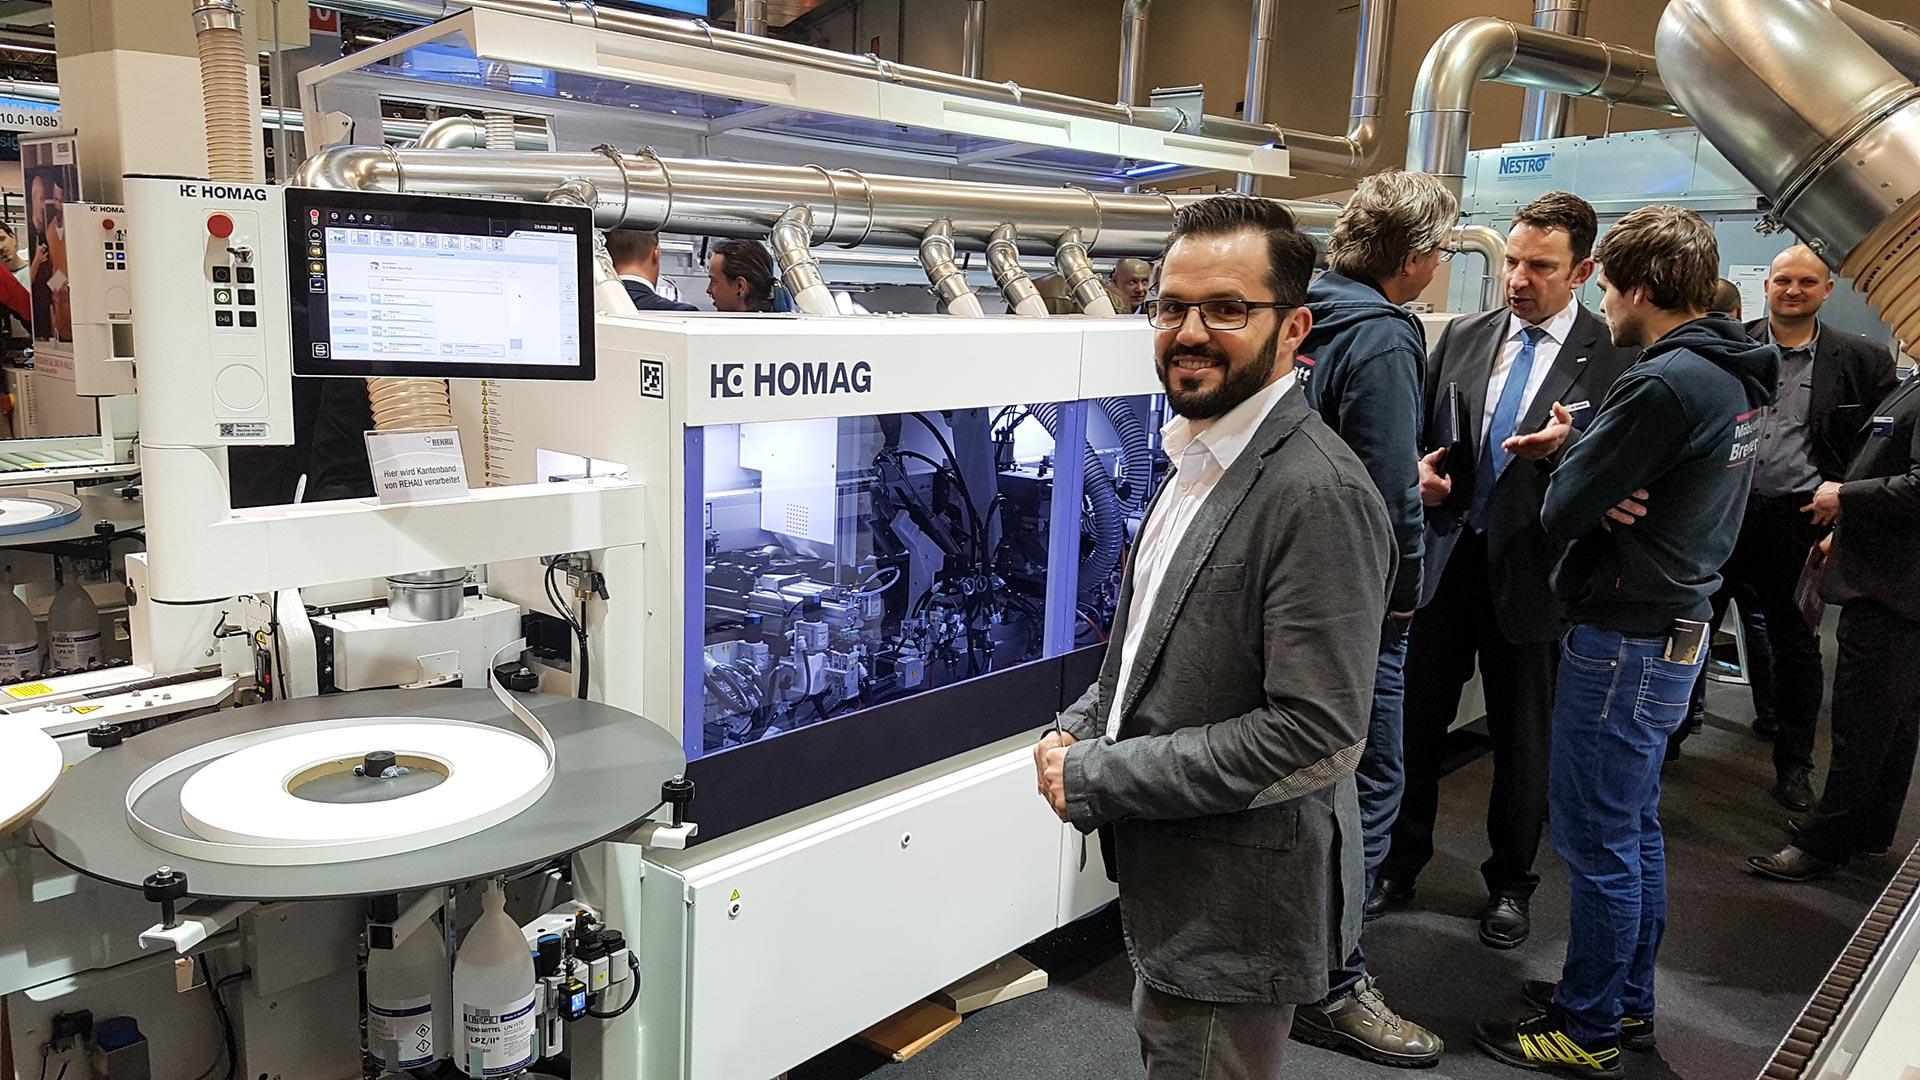 Begeistert vom Nutzer-Interface. Siegfried Margrander inspiziert eine Homag-Maschine.